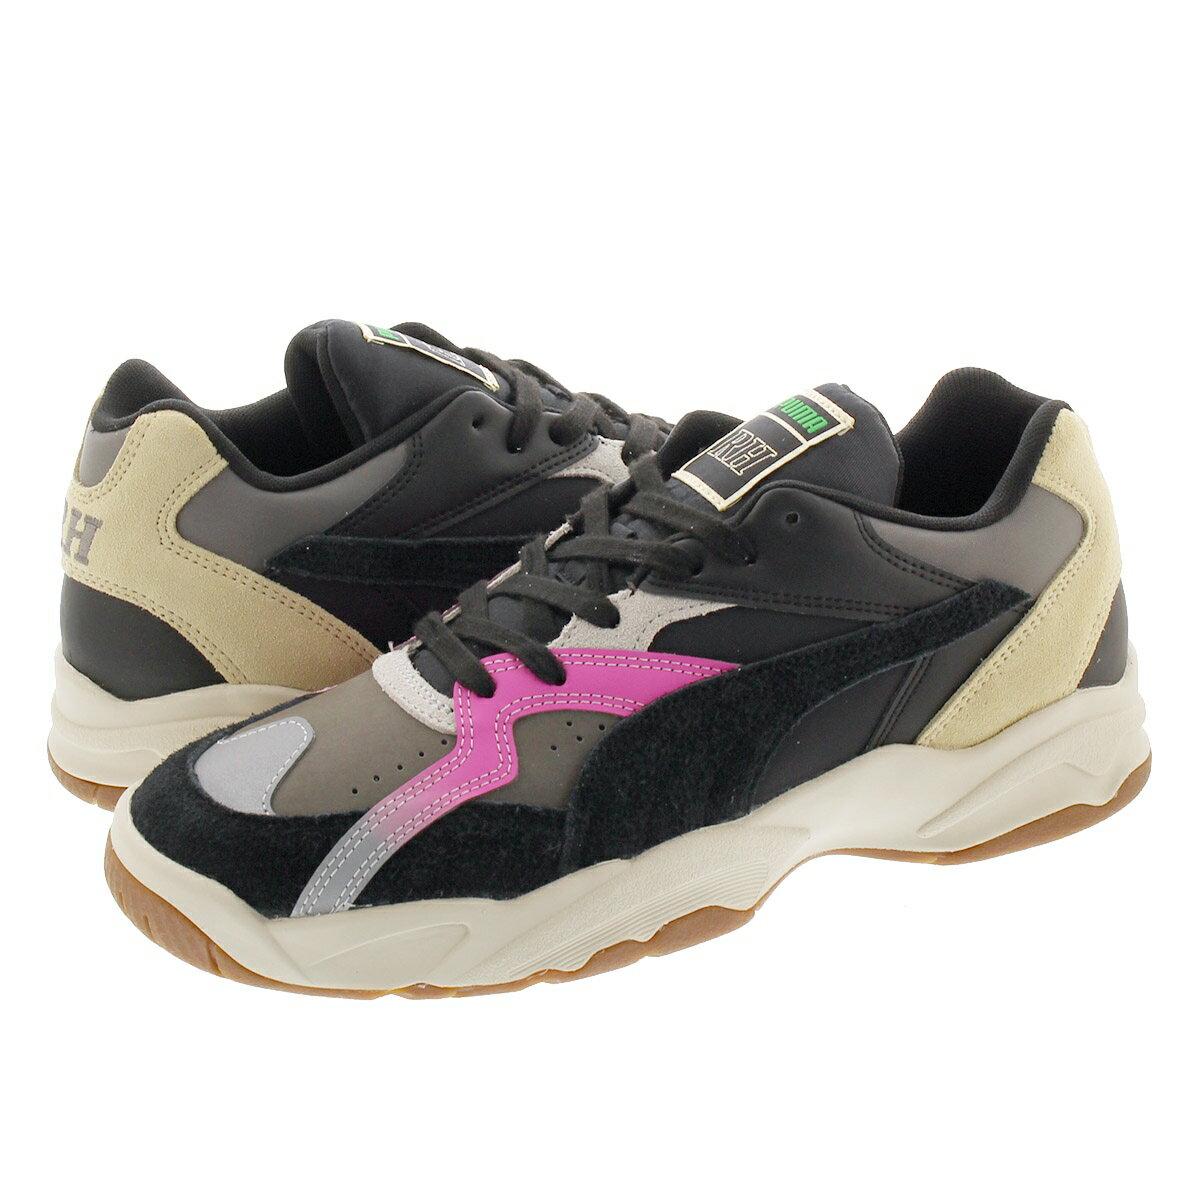 メンズ靴, スニーカー PUMA x RHUDE PERFORMER x CHARCOAL GRAYBLACK 371391-01